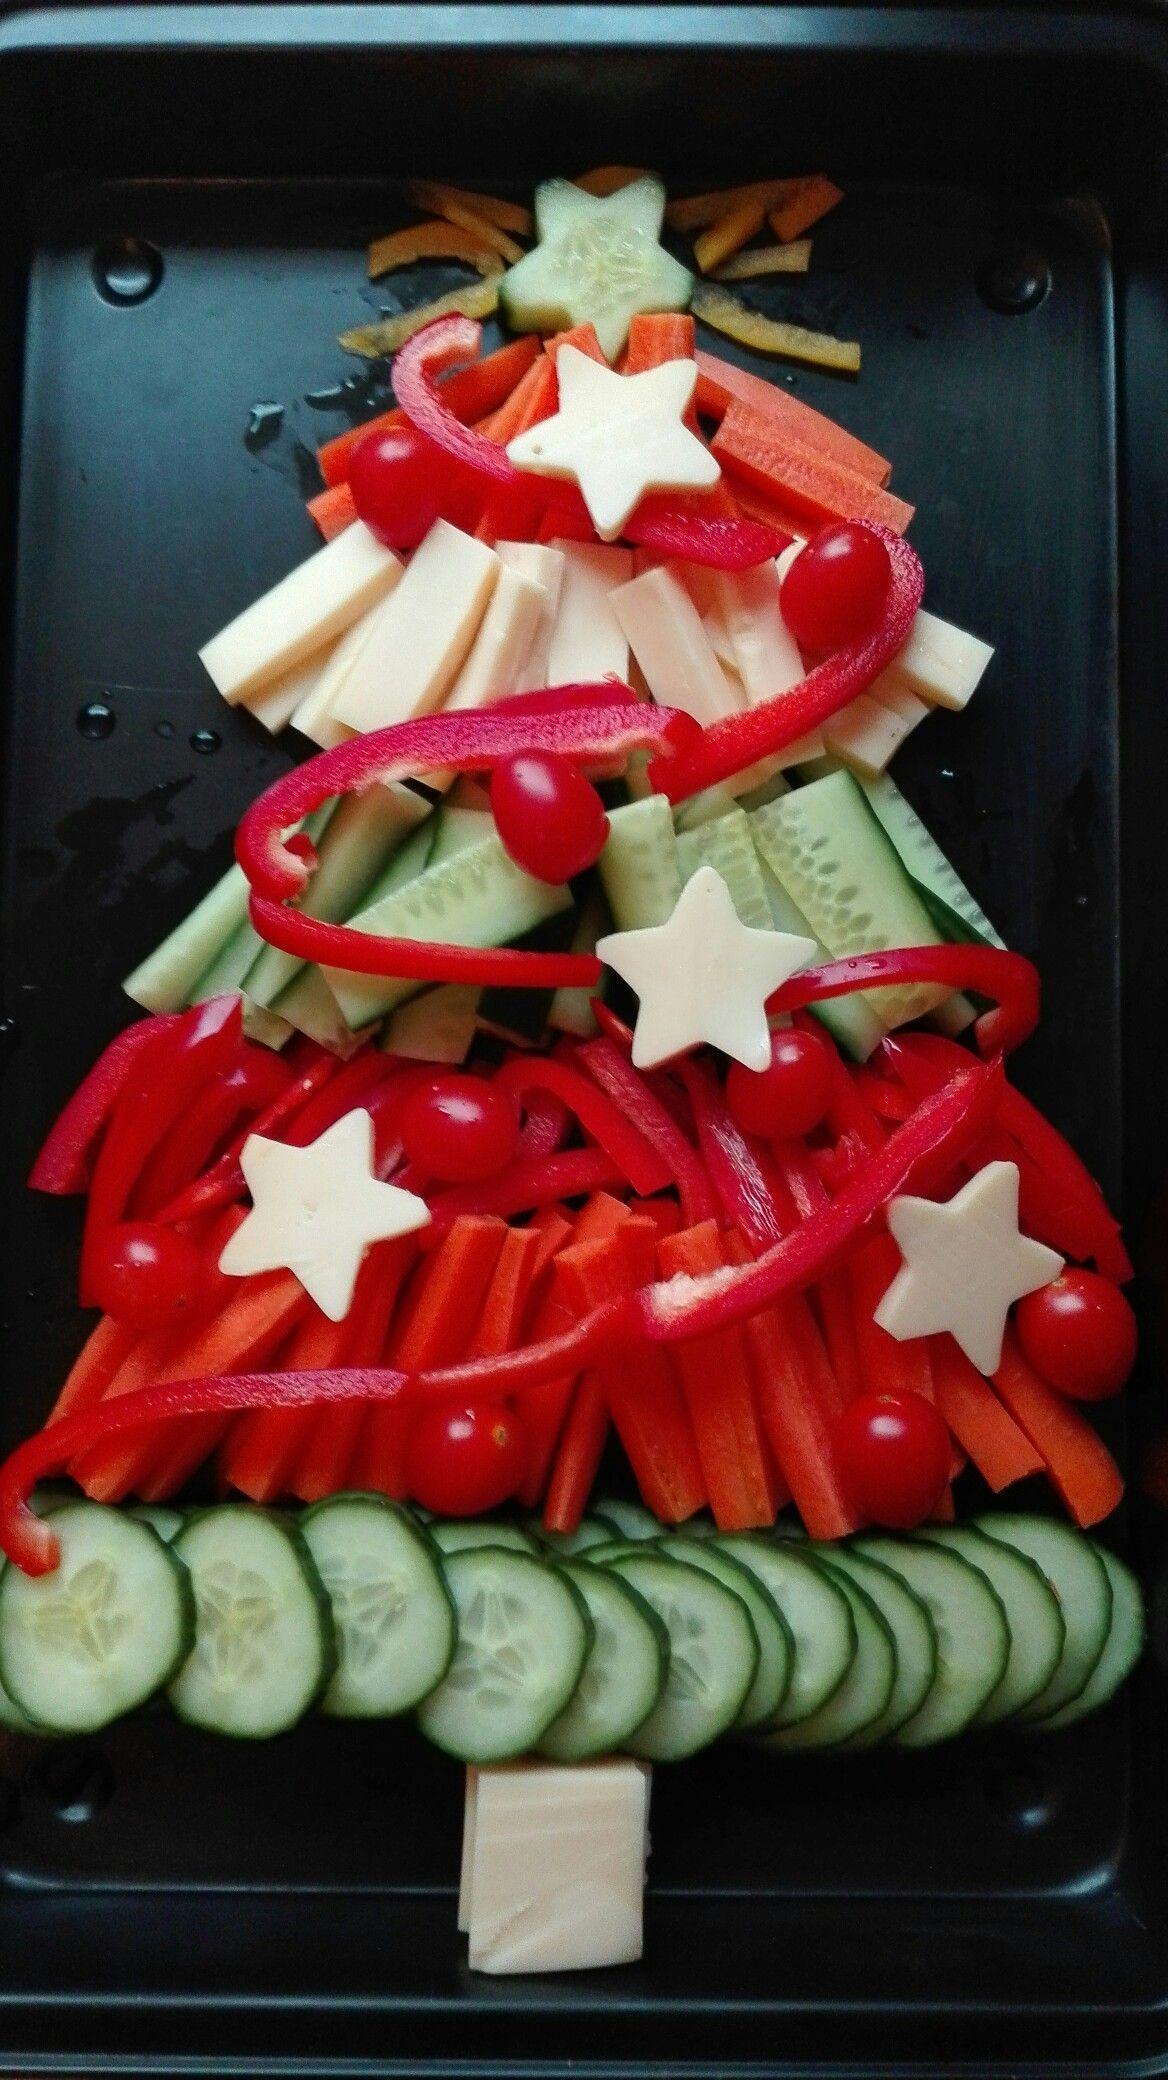 Für die Weihnachtsfeier im Kindergarten #fingerfoodweihnachten Für die Weihnac  Apfel Kuchen #fingerfoodappetizers